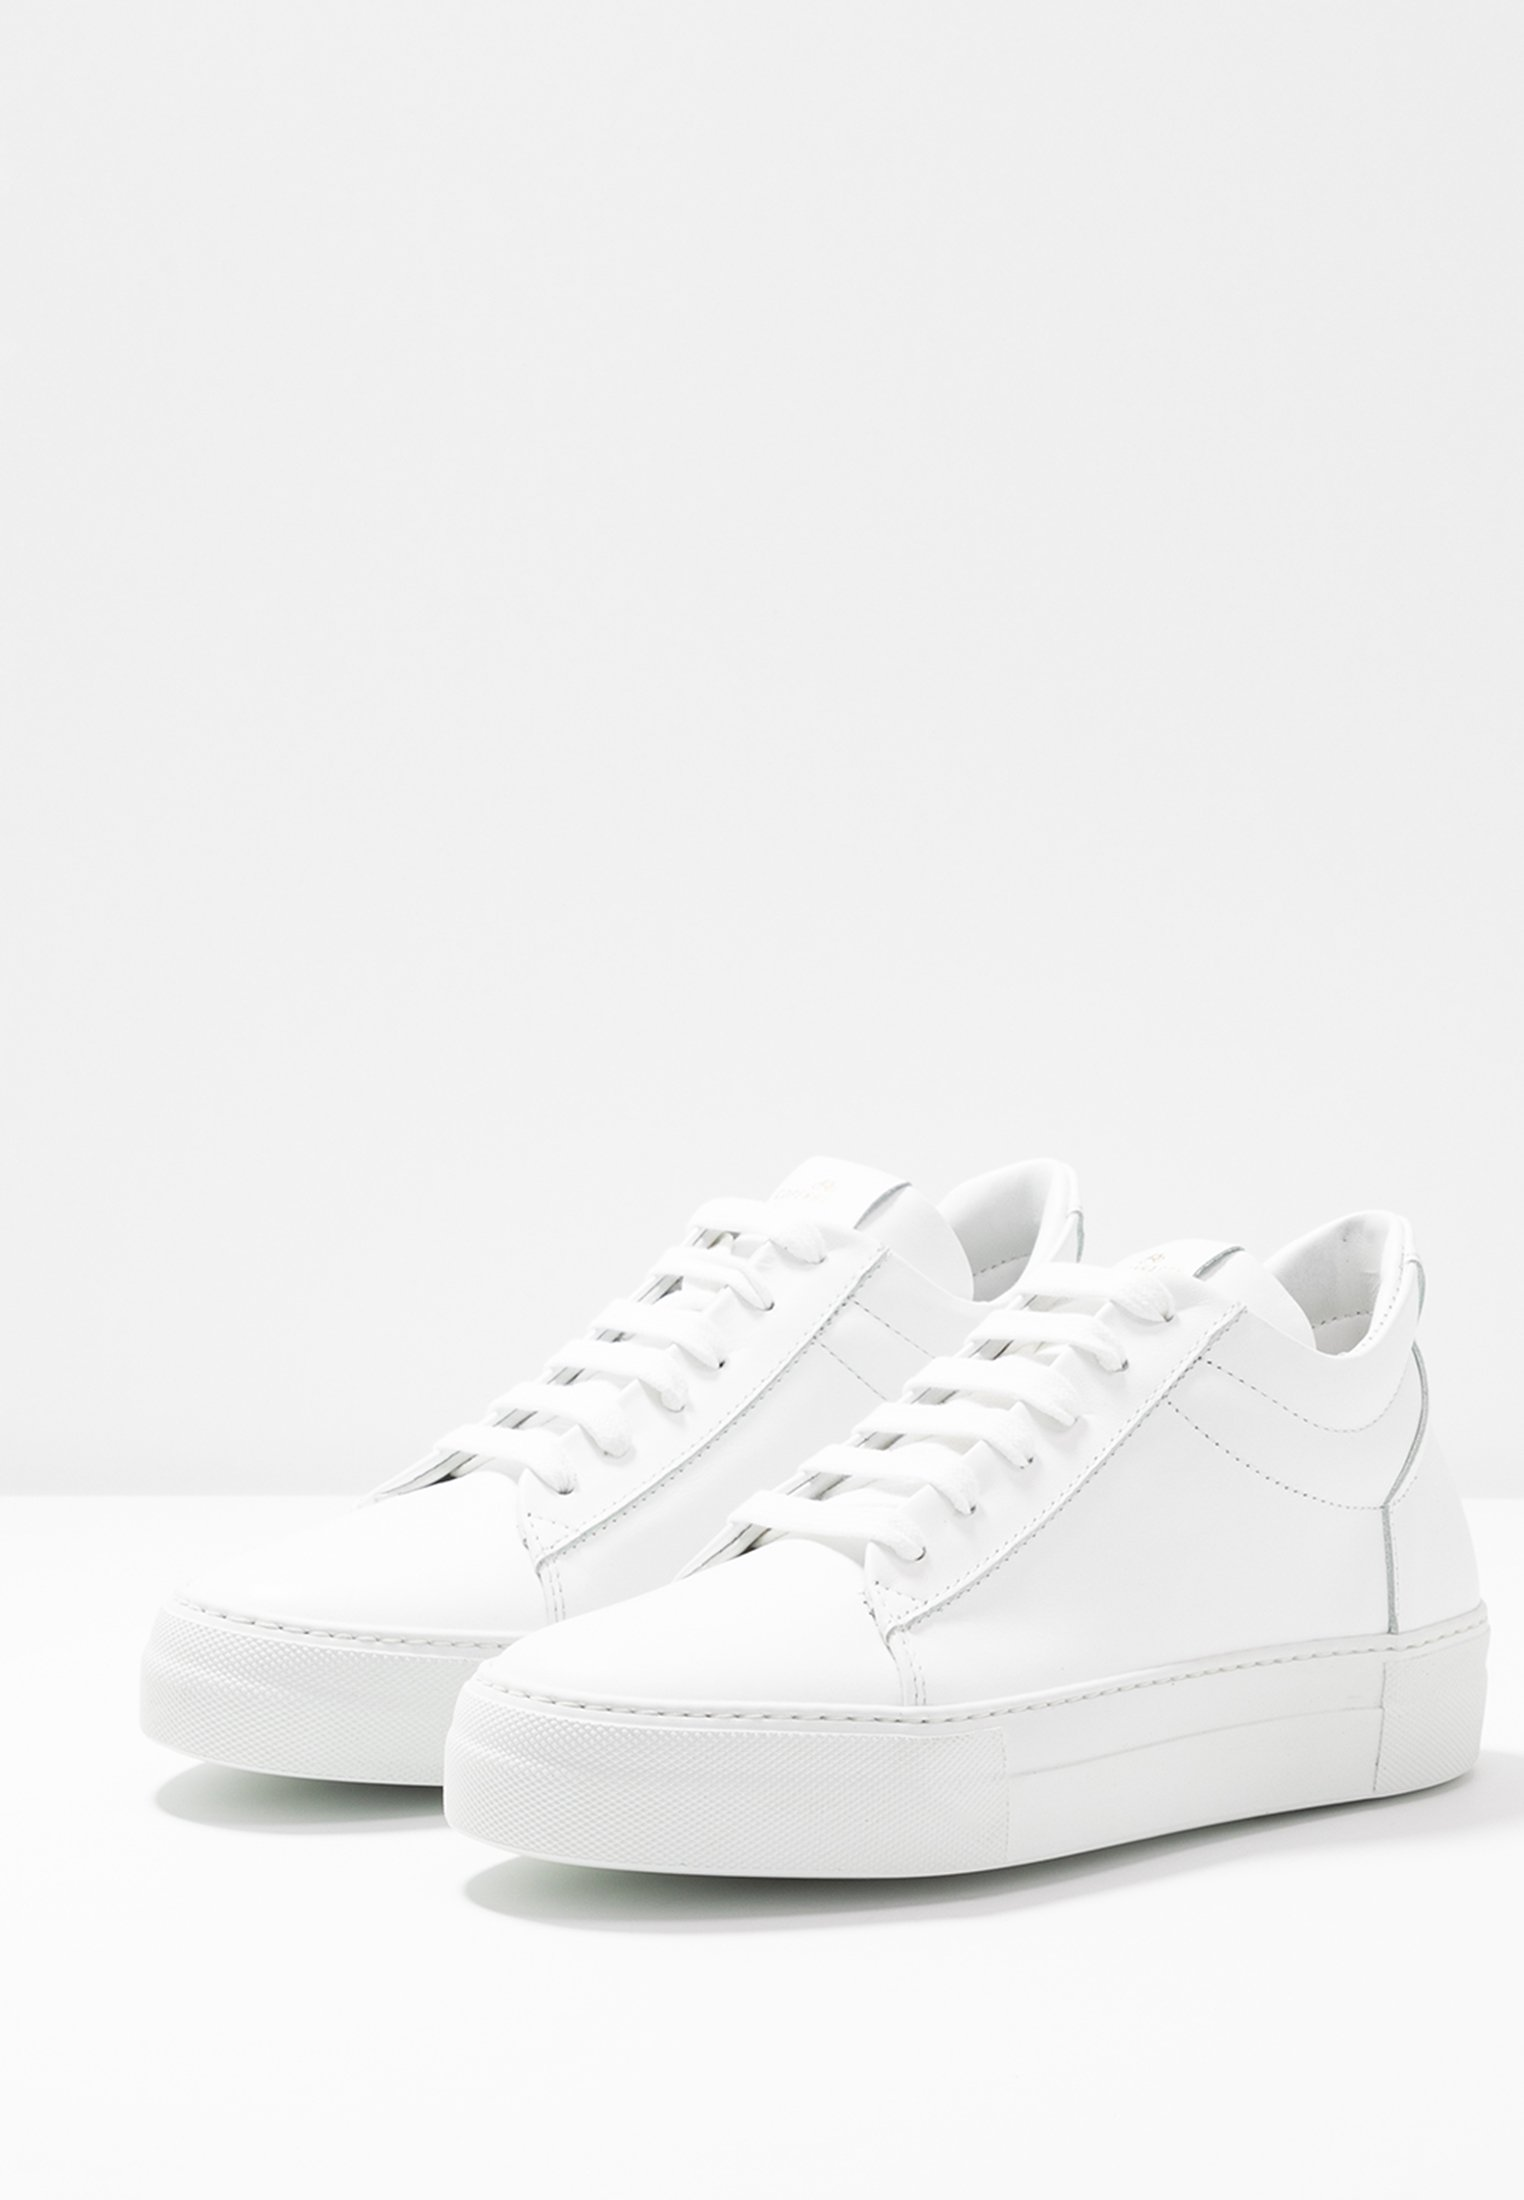 Copenhagen Sneaker high - white - Black Friday